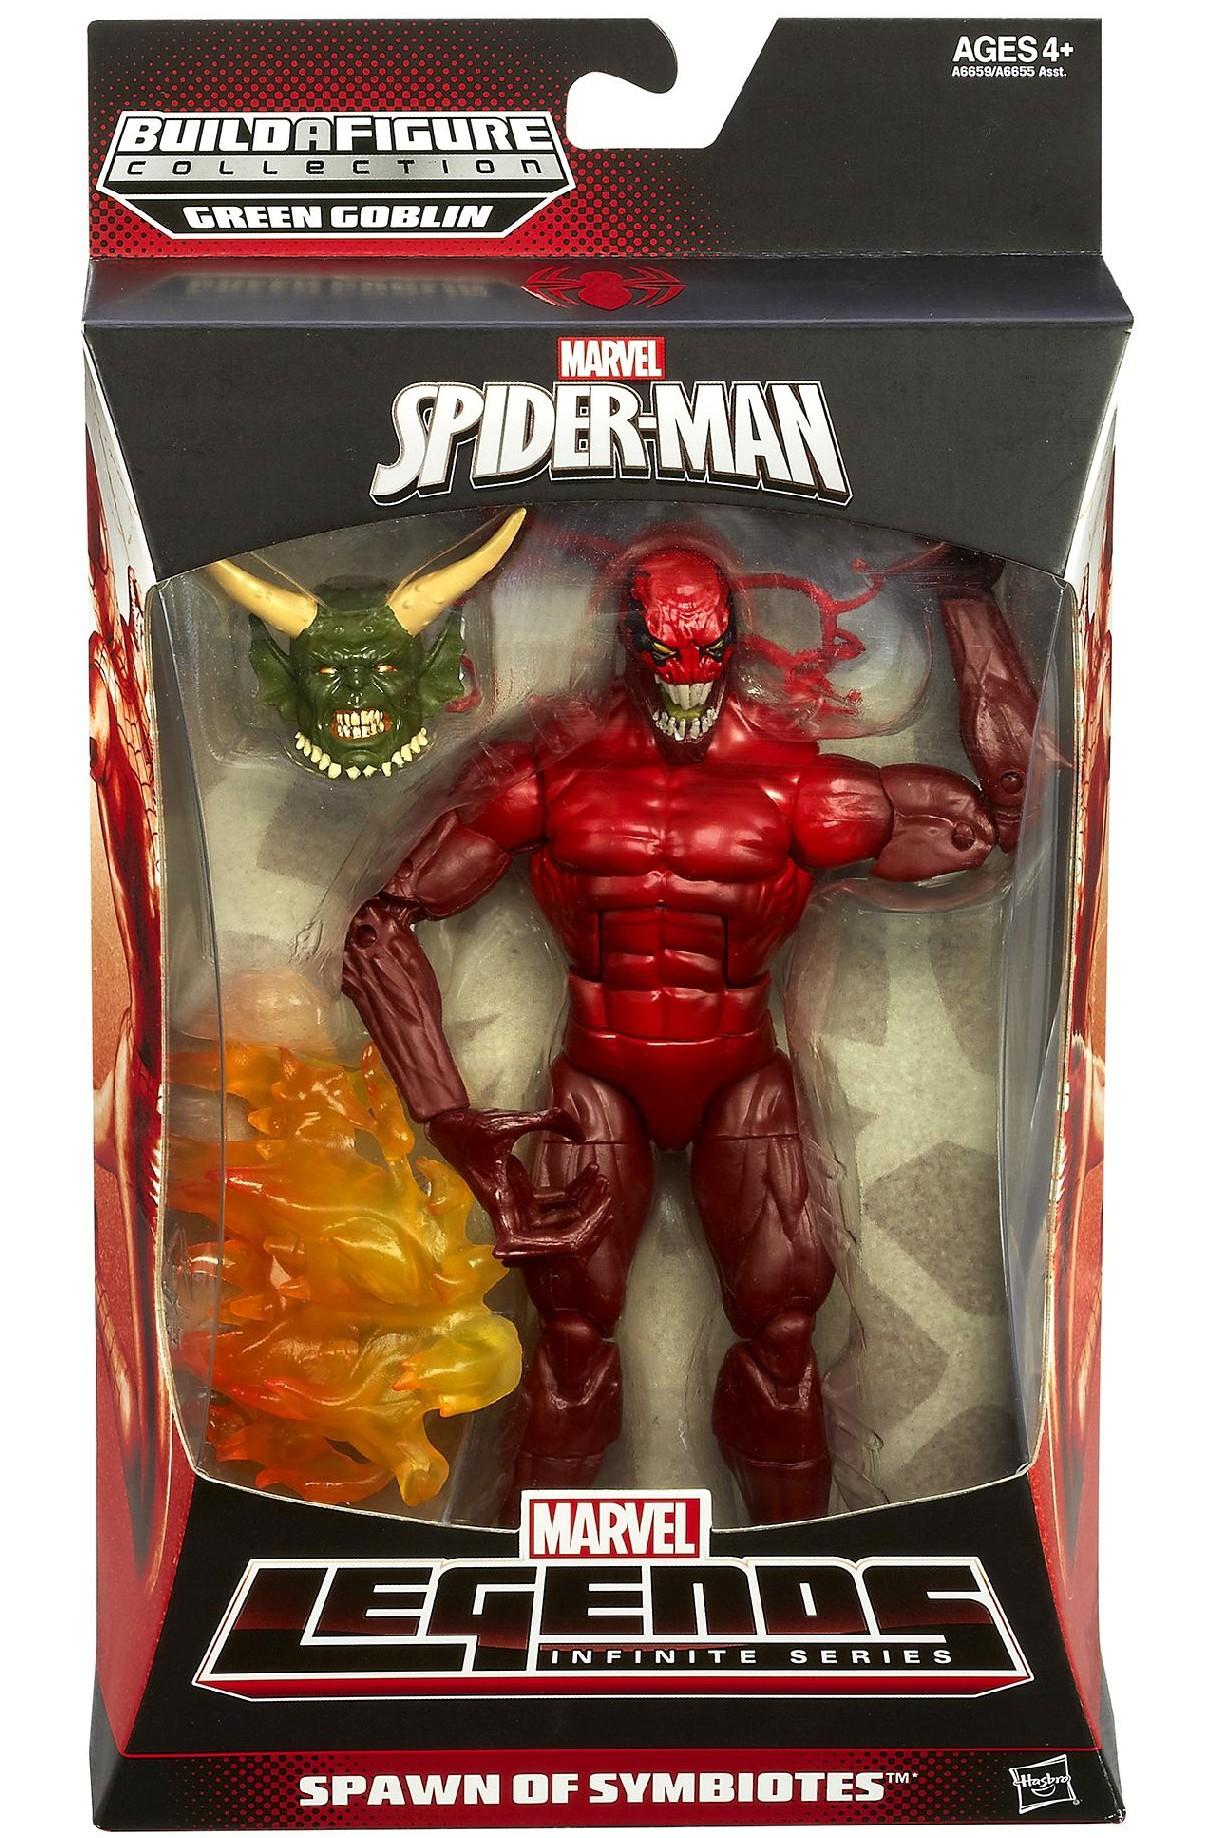 [Hasbro][Tópico Oficial] Marvel Legends | Infinite Series: Homem-Aranha & Capitão América Spider-Man-Marvel-Legends-Toxin-Figure-Packaged-Marvel-Legends-2014-e1390520991440